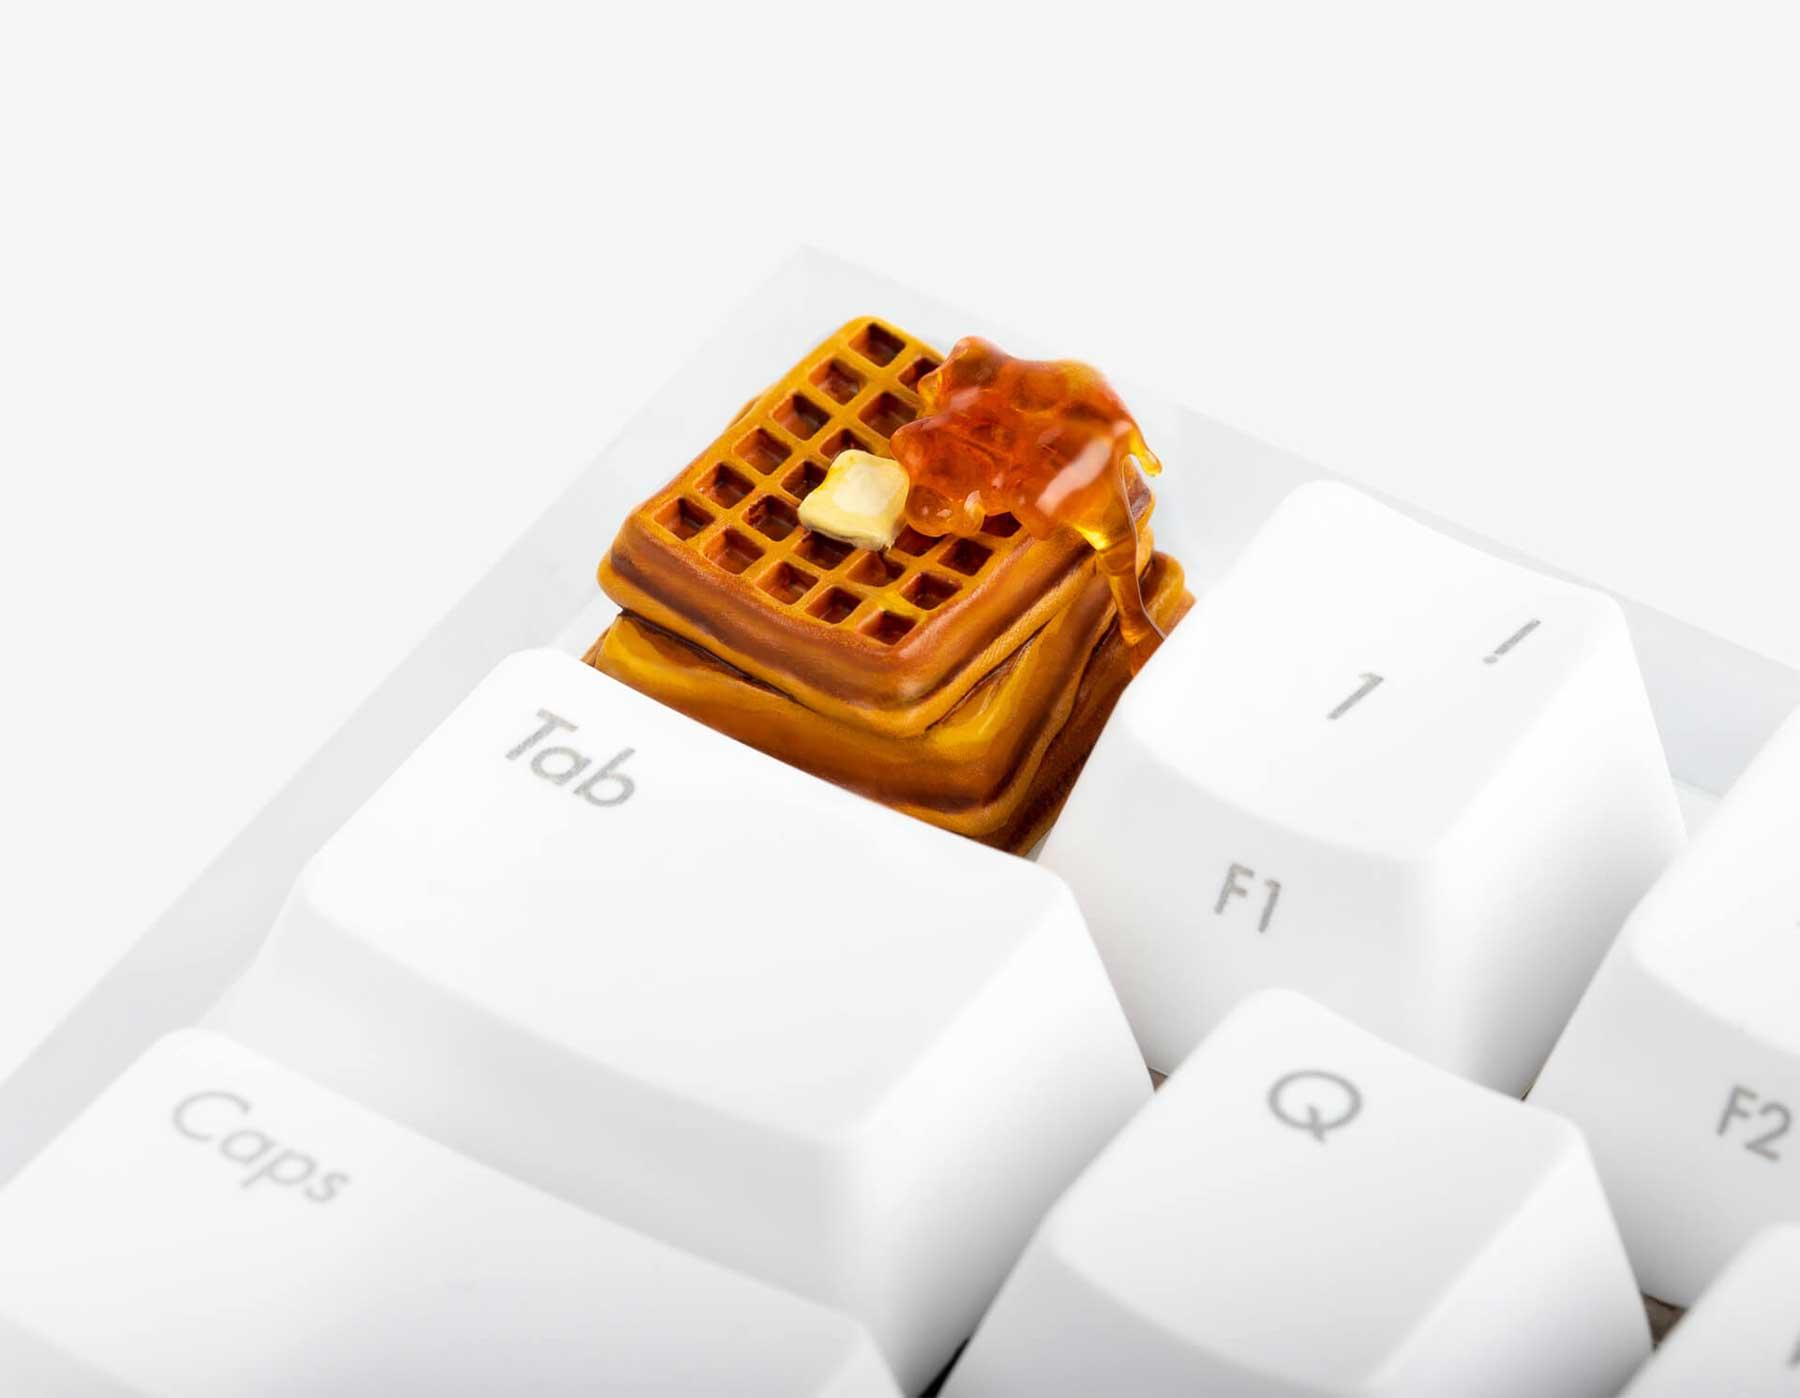 Essens-Tastatur-Tasten foodie-tastaturtasten-keycap_04